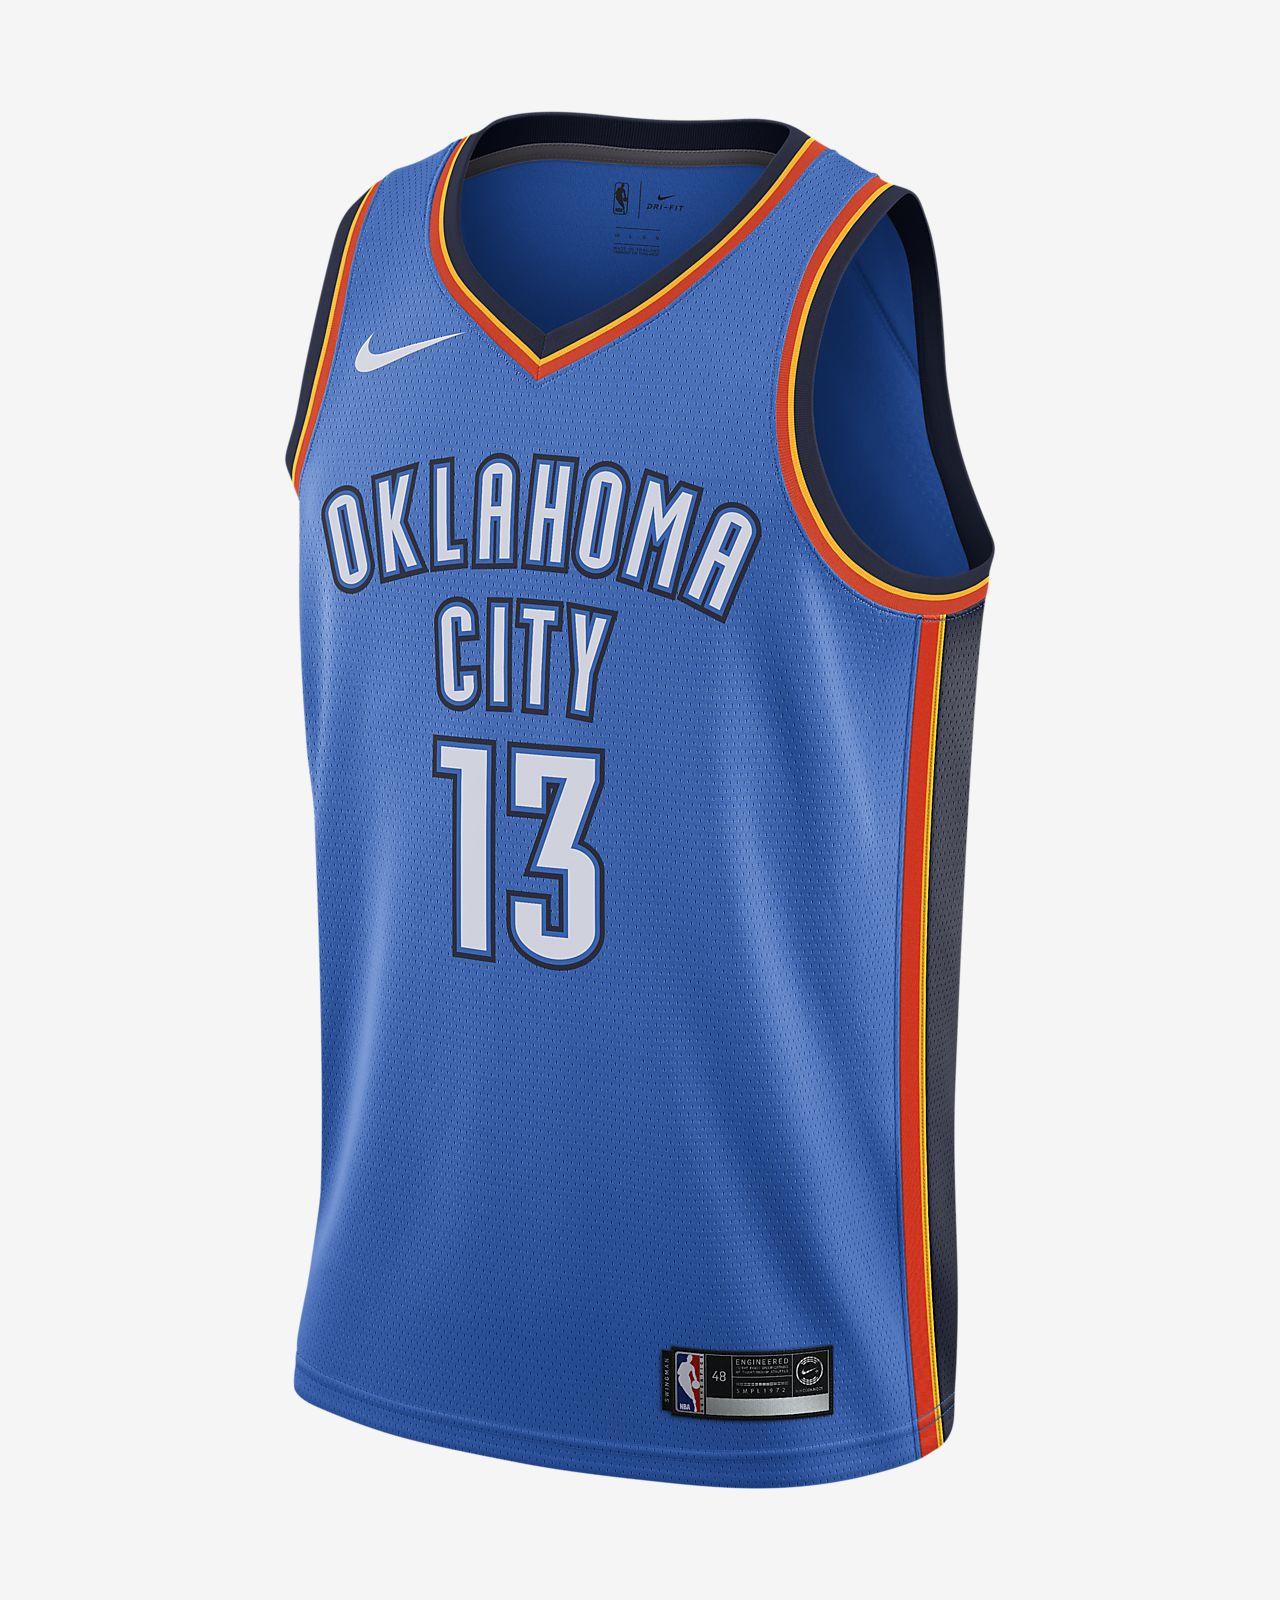 Sélection de maillots de basket-ball connectés Nike Swingman Thunder d'Oklahoma City - Ex : Paul George (du M au XXL)